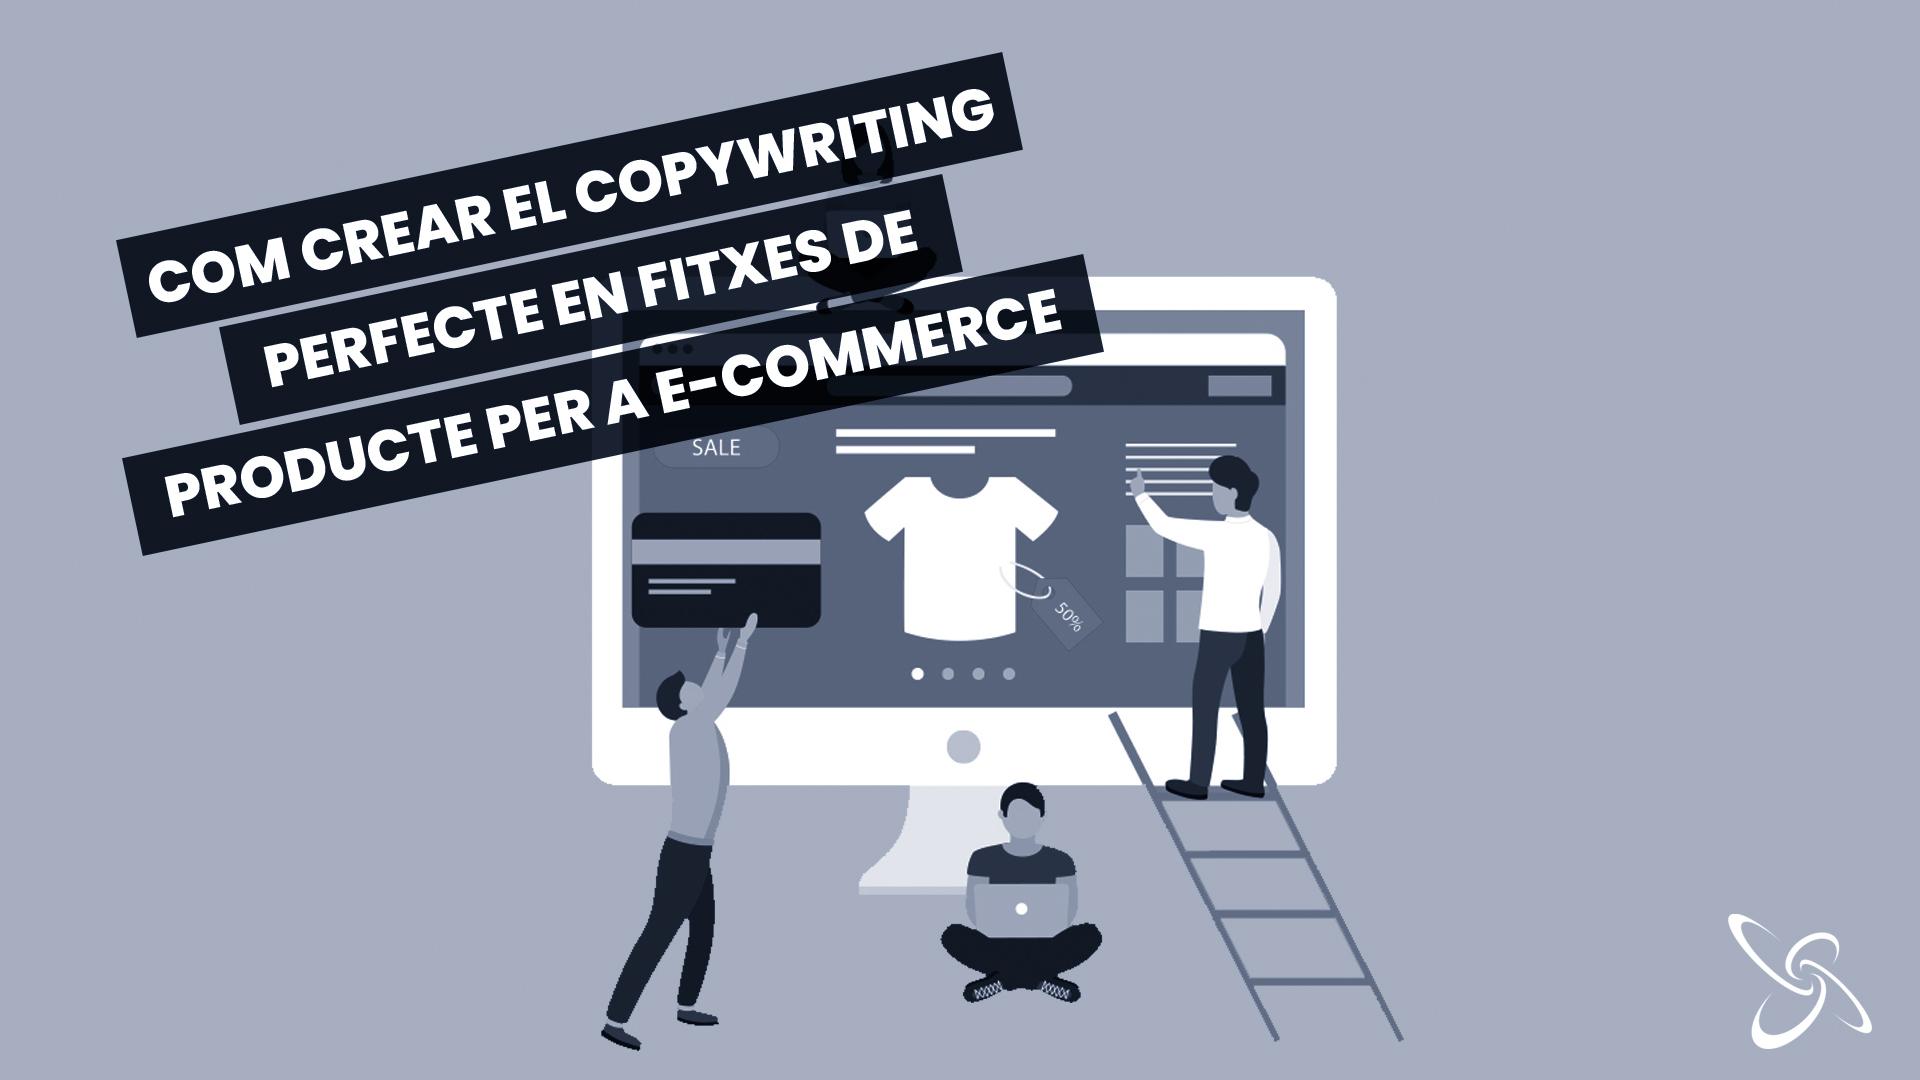 com crear el copywriting perfecte en fitxes de producte per a e-commerce